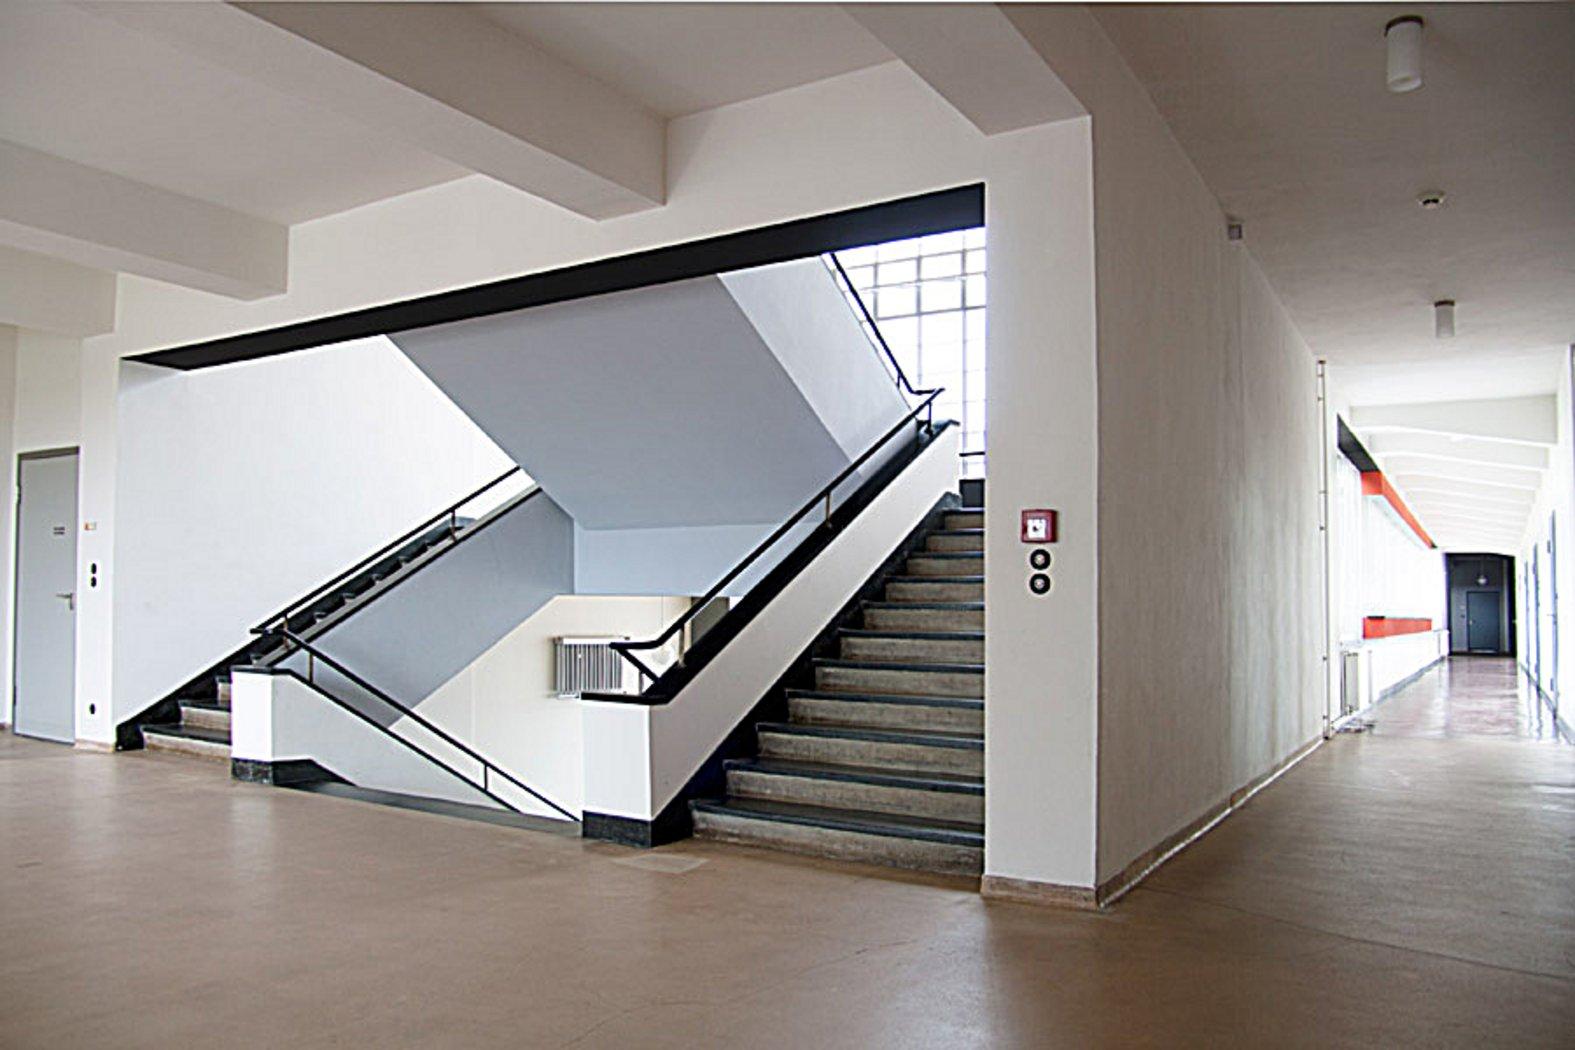 bauhaus architecture interior